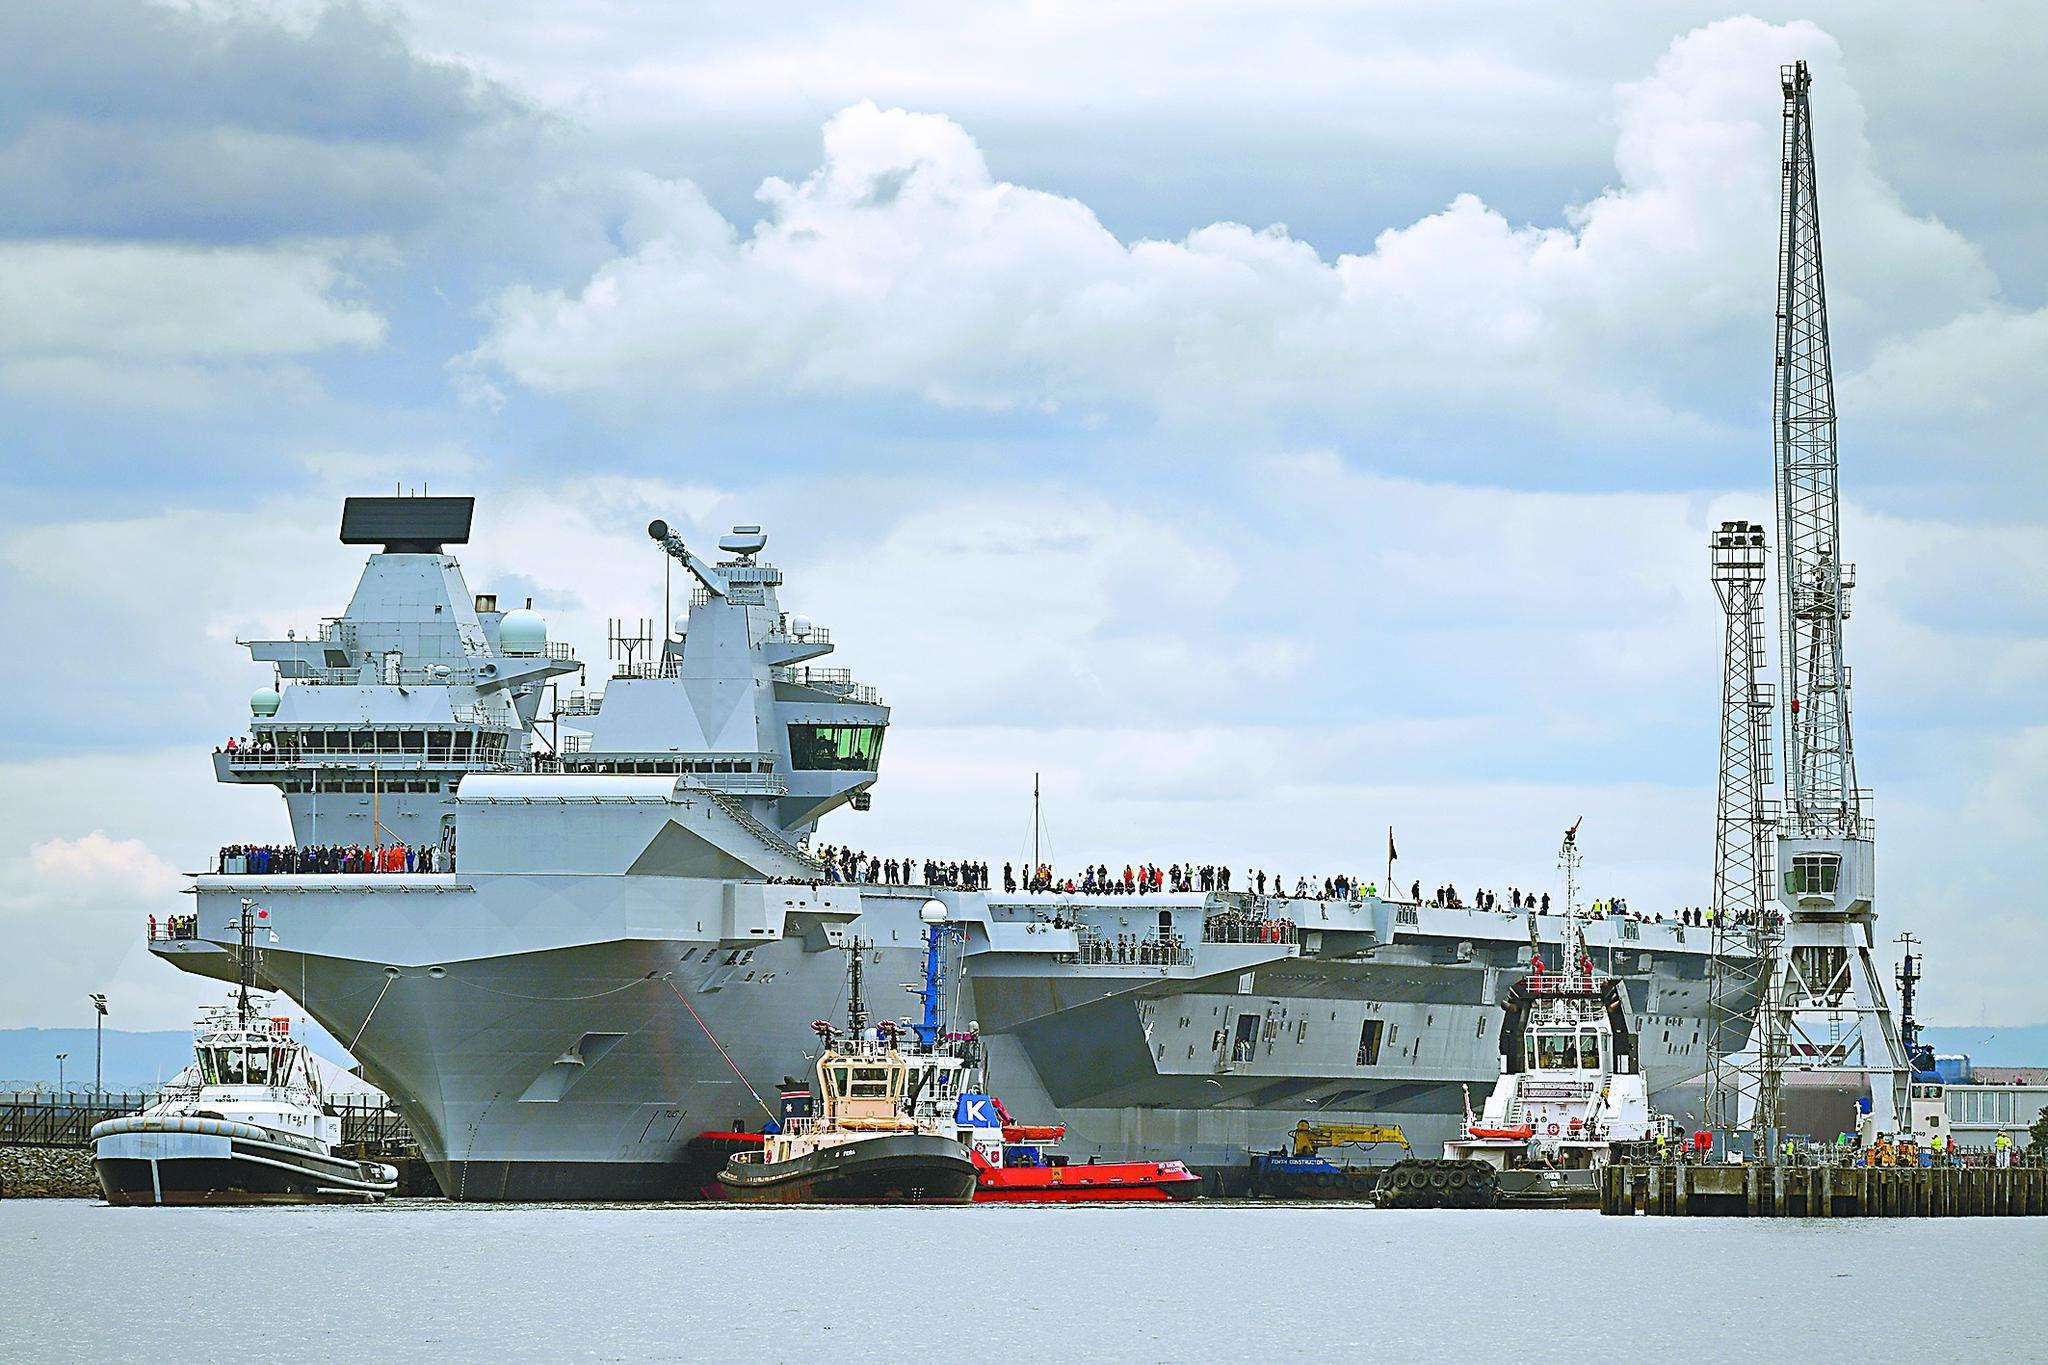 一張圖對比中英海軍實力,我國該如何應對?官媒:讓他們有來無回